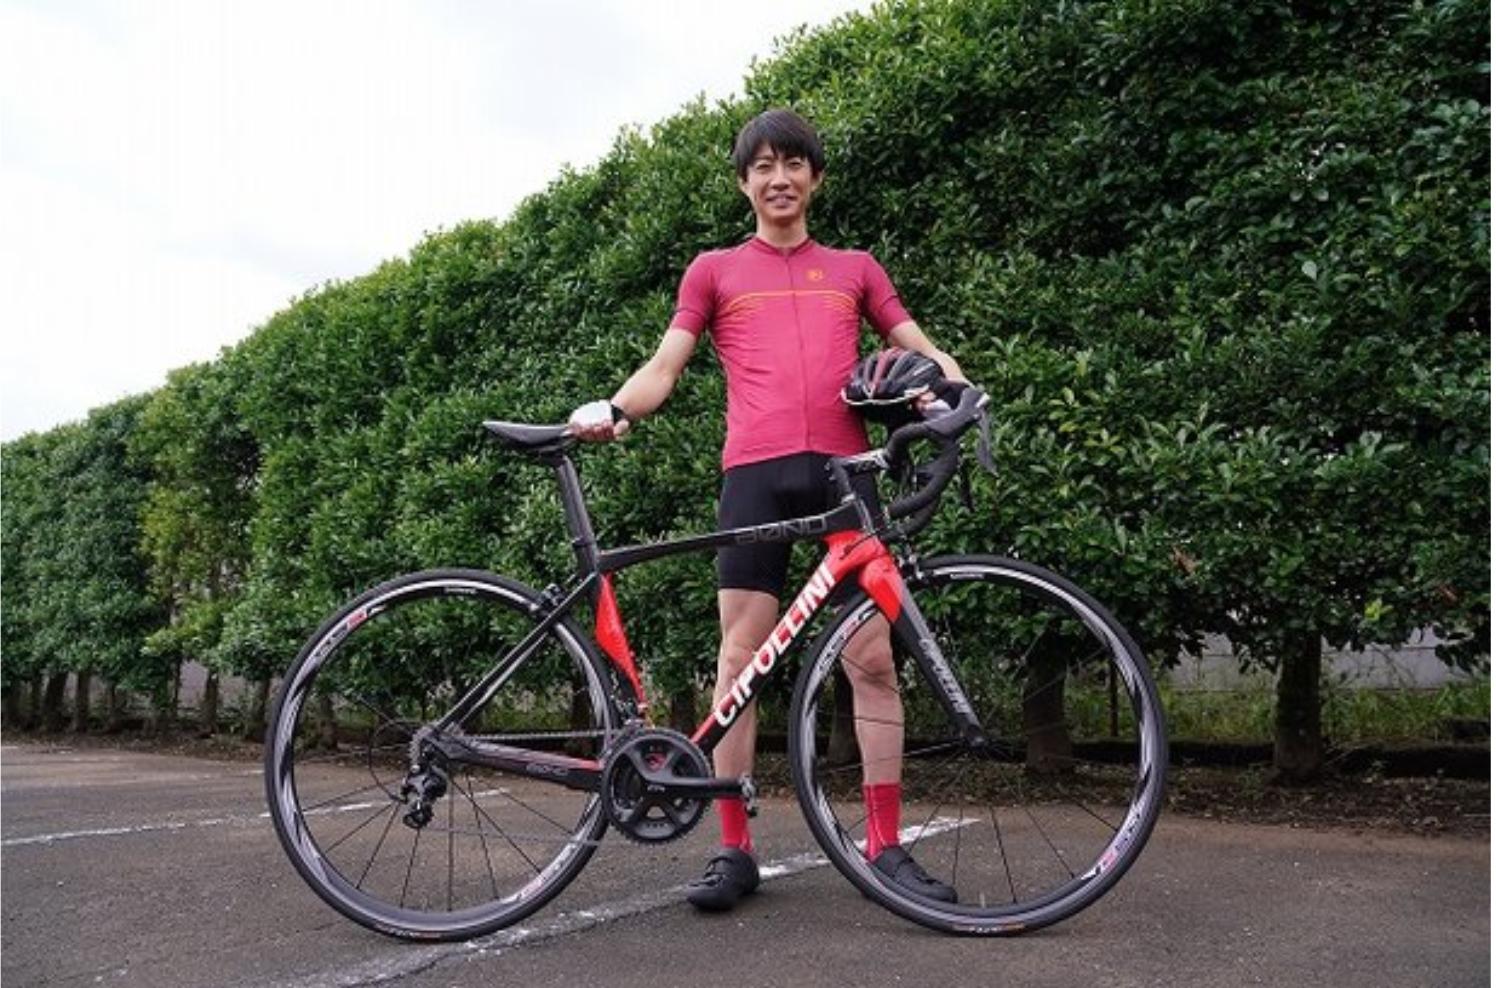 2019年の24時間テレビ主演、嵐の相葉雅紀 自転車とともに